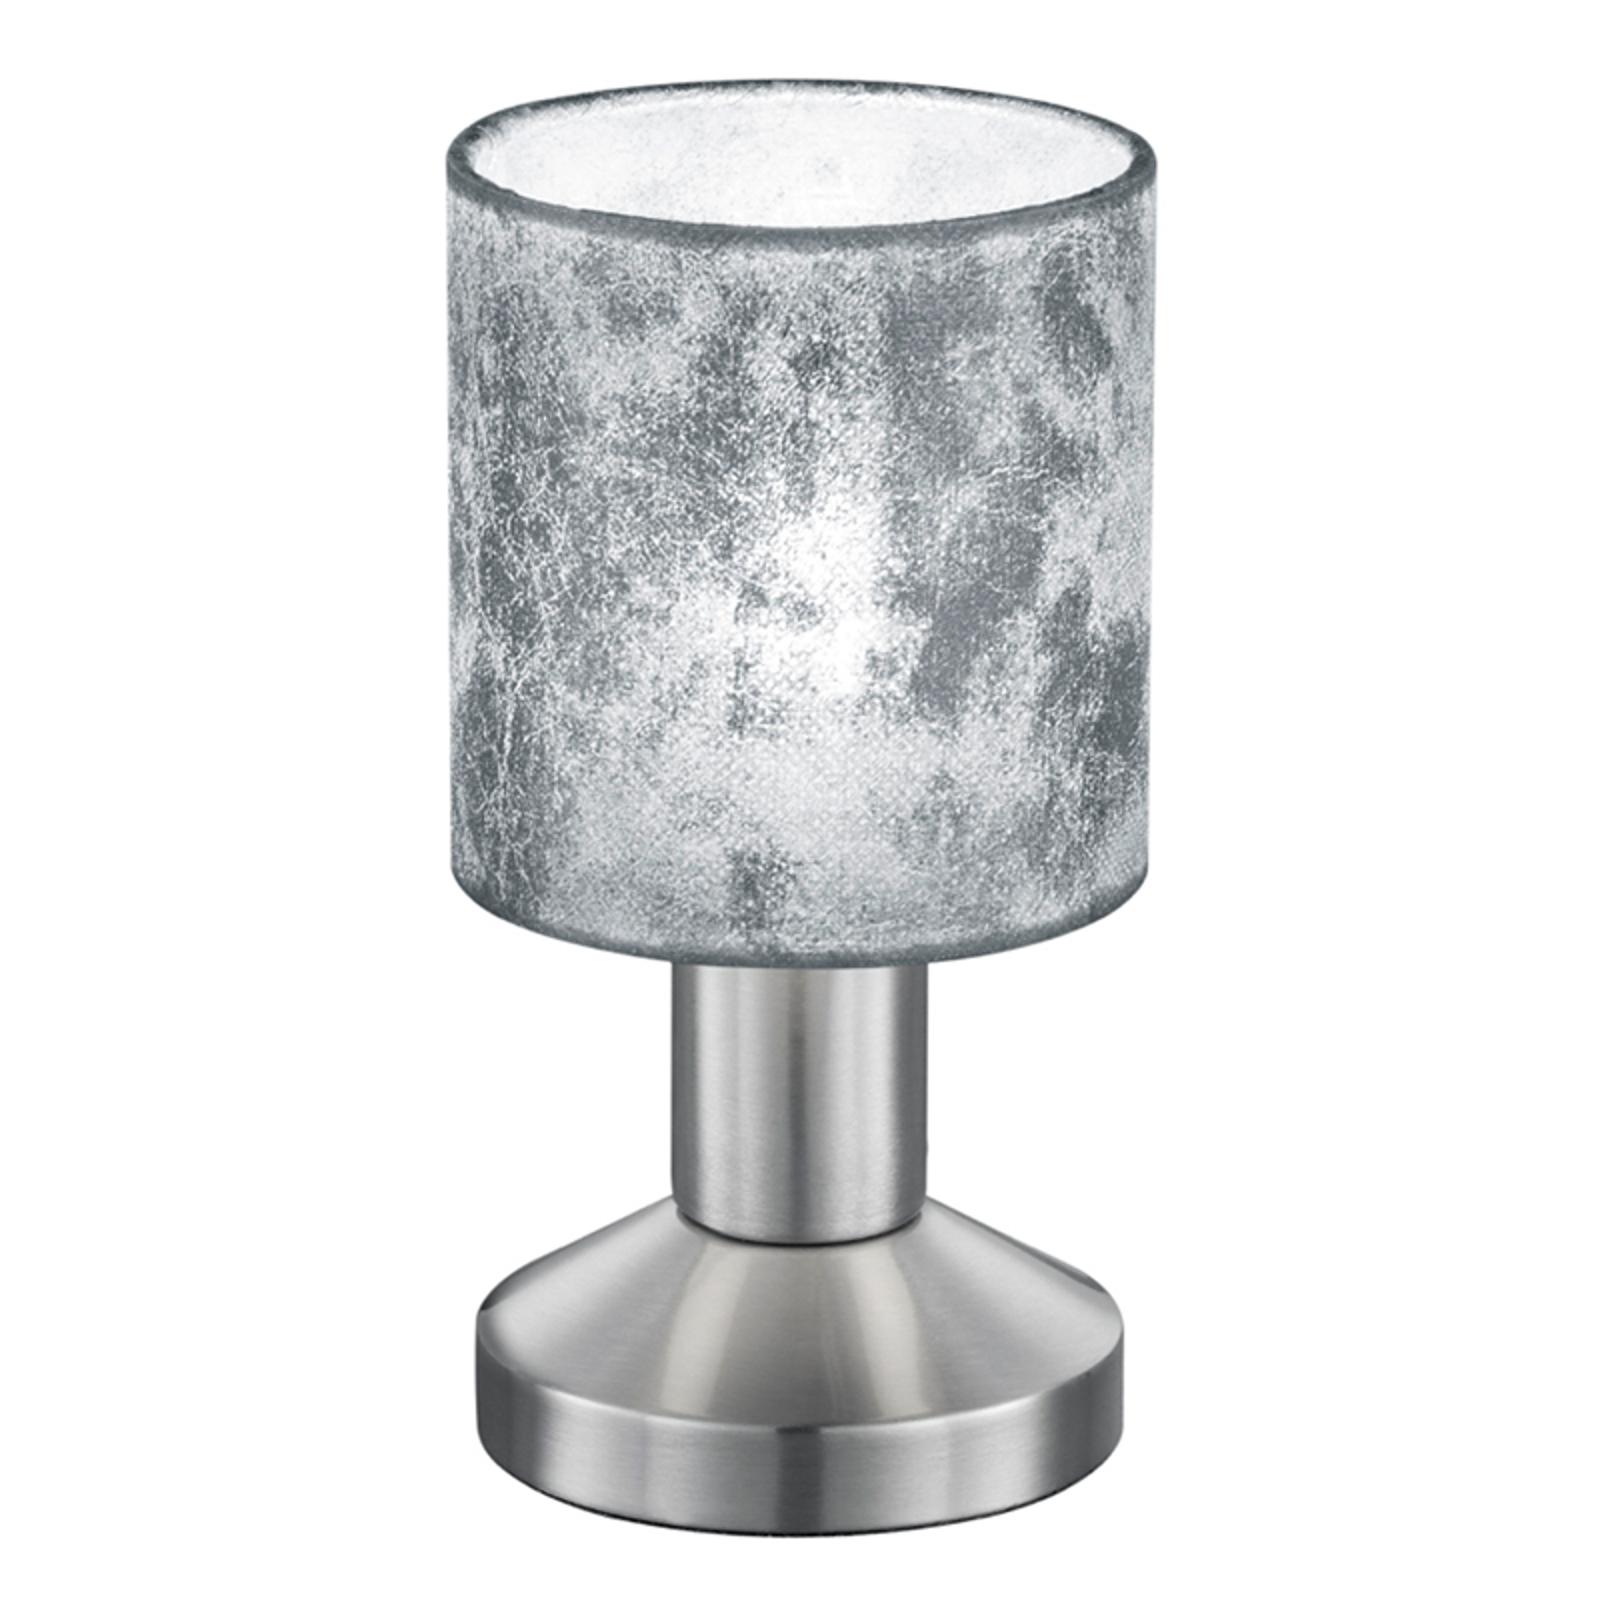 Silberfarbene Kunststoffschirm-Tischleuchte Garda